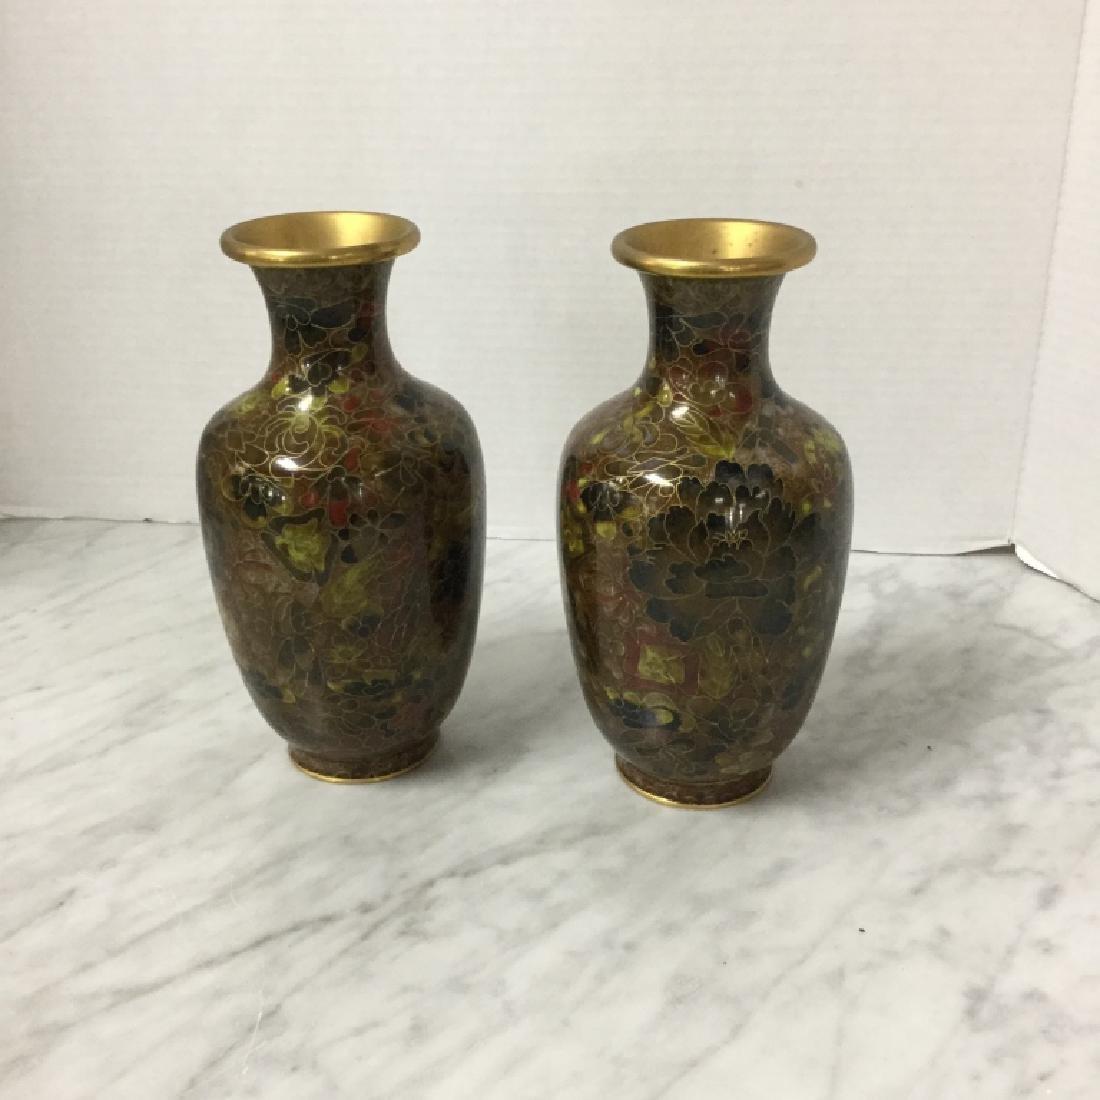 Lovely Pair of Vintage Cloisenne Vases